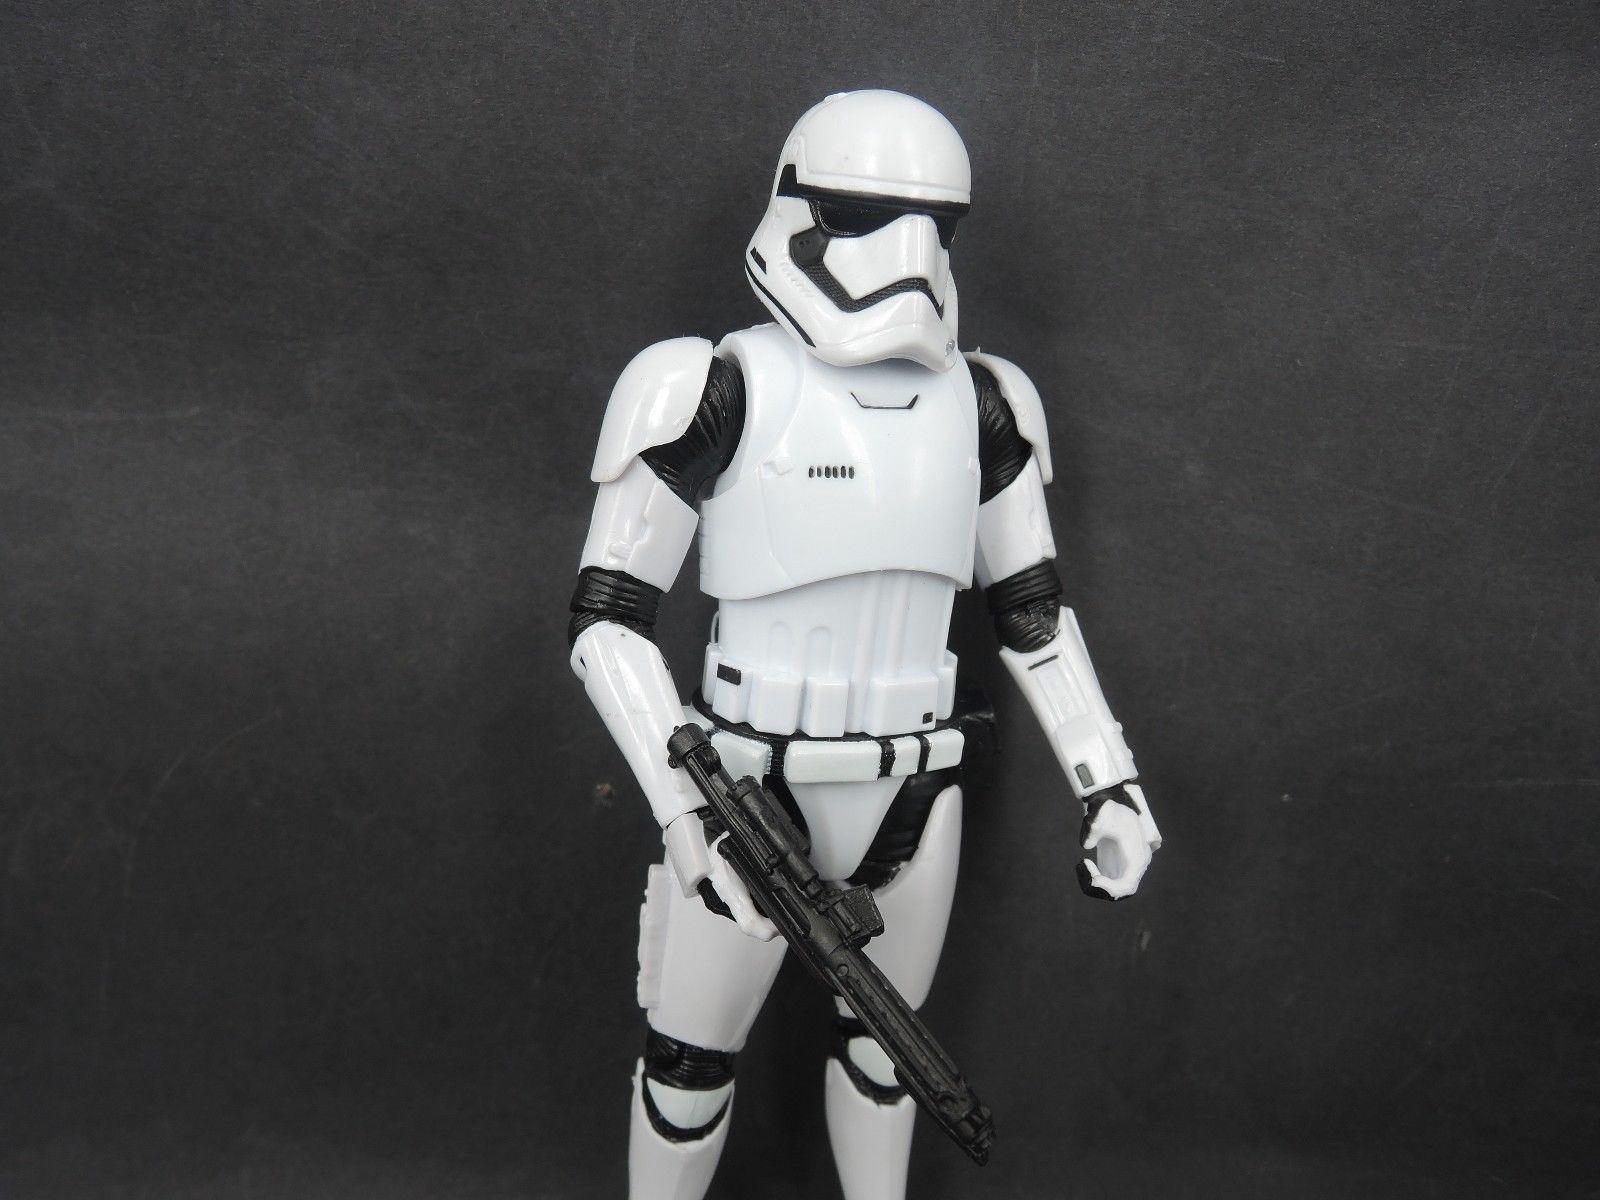 Star Wars Black Series Ep Vii Stormtrooper Images Leak